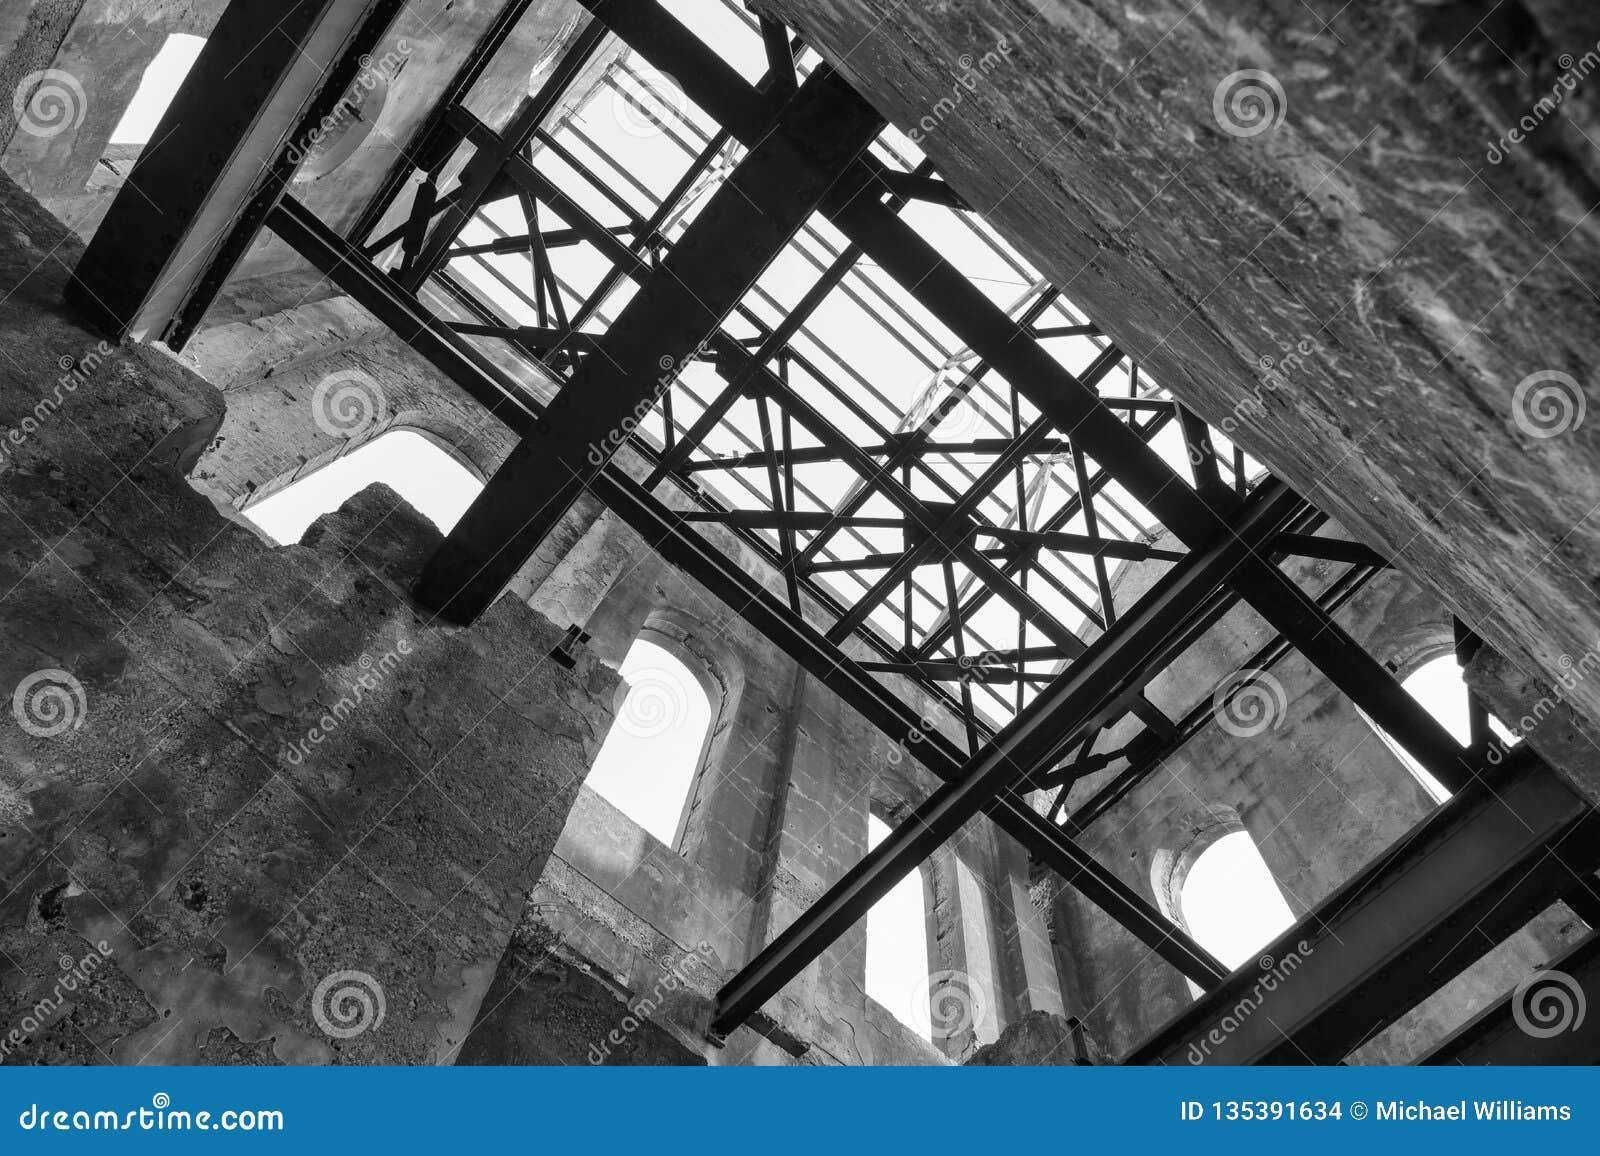 Innenraum eines ruinierten alten Industriegebäudes, oben betrachtend Dachträgern